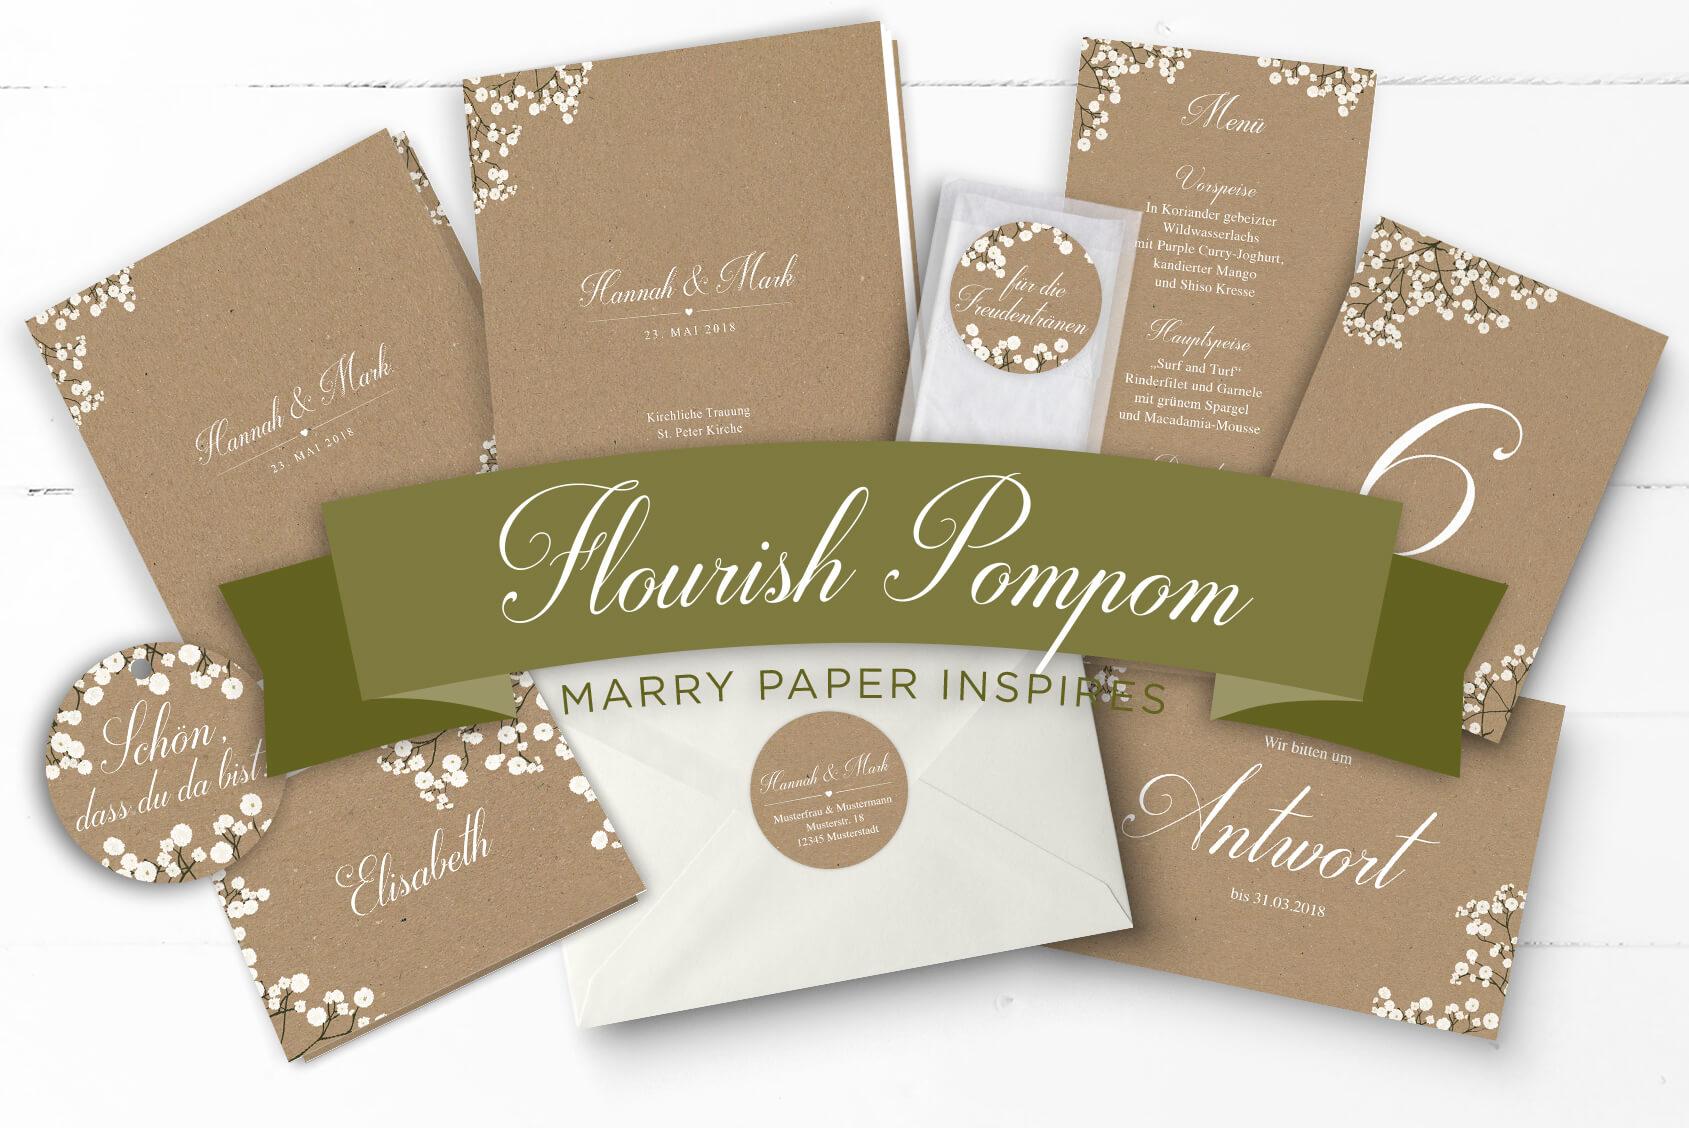 Flourish PomPom, Hochzeitspapeterie mit Kraftpapieroptik, weißer Kalligrafieschrift und Schleierkraut